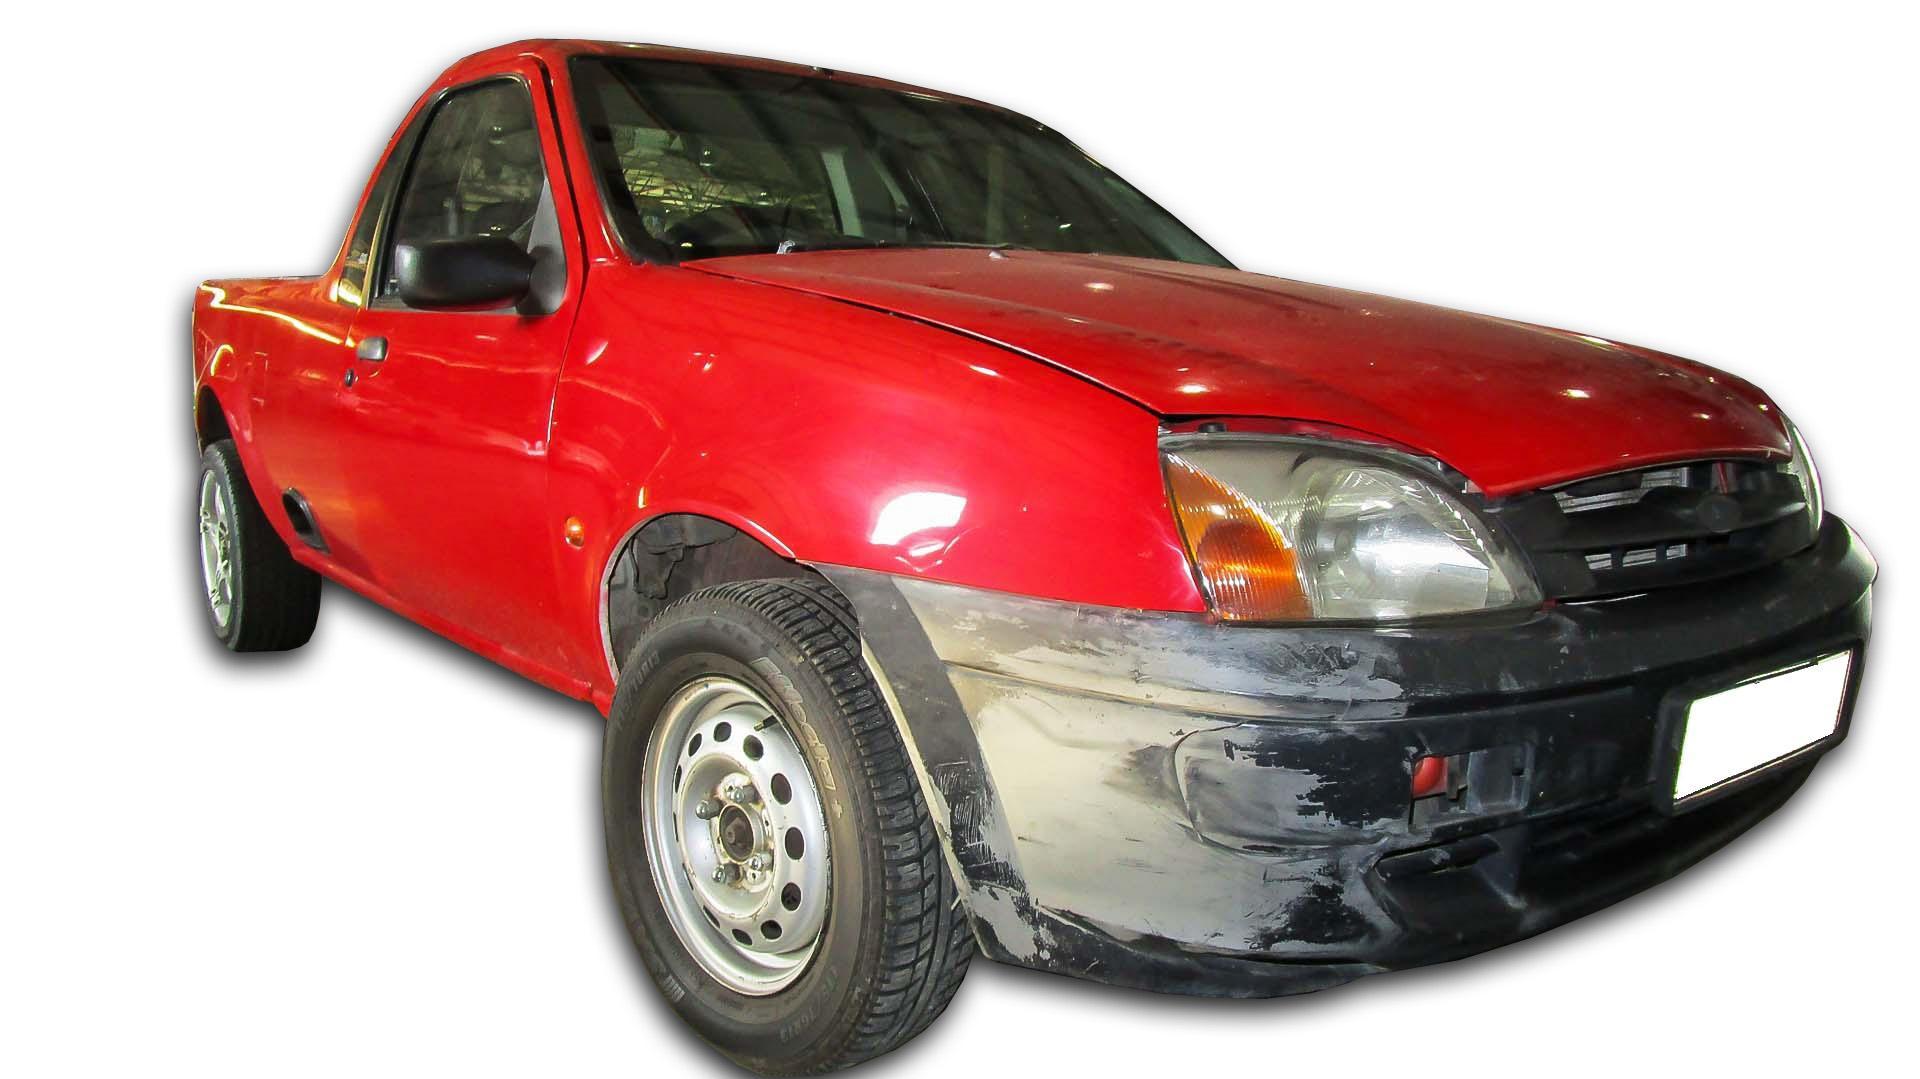 Ford Bantam 1.3 I